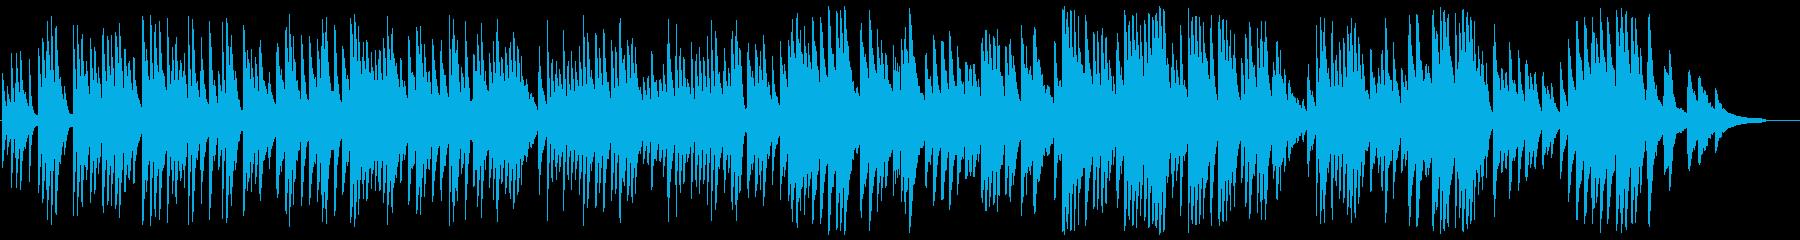 しっとりと優しい雰囲気のピアノソロの再生済みの波形